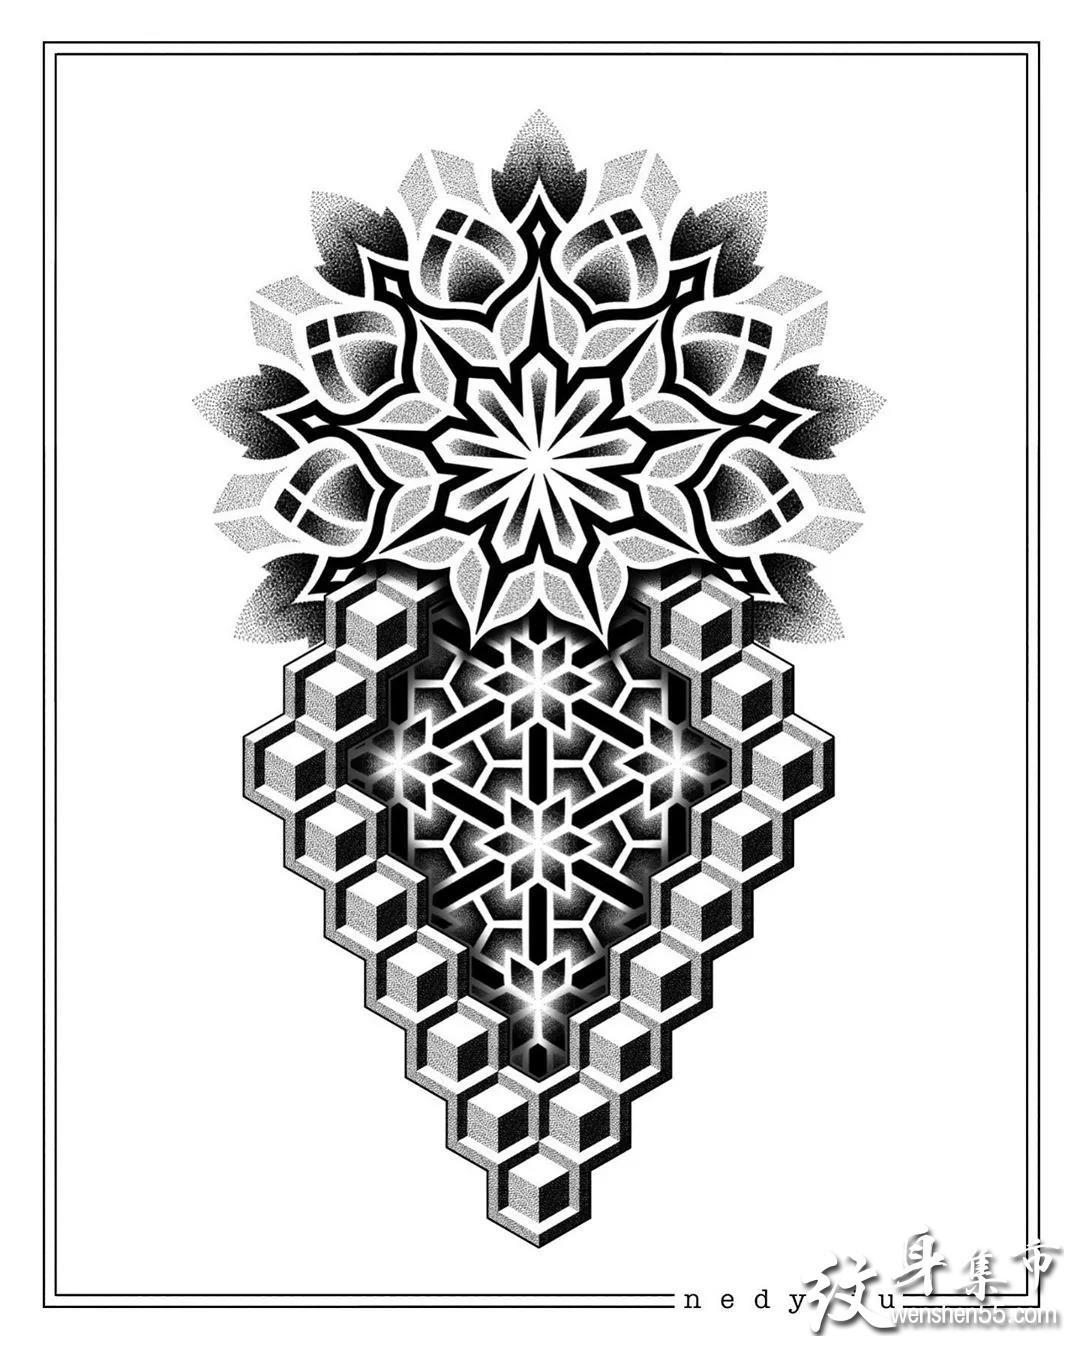 黑灰立体纹身手稿图案